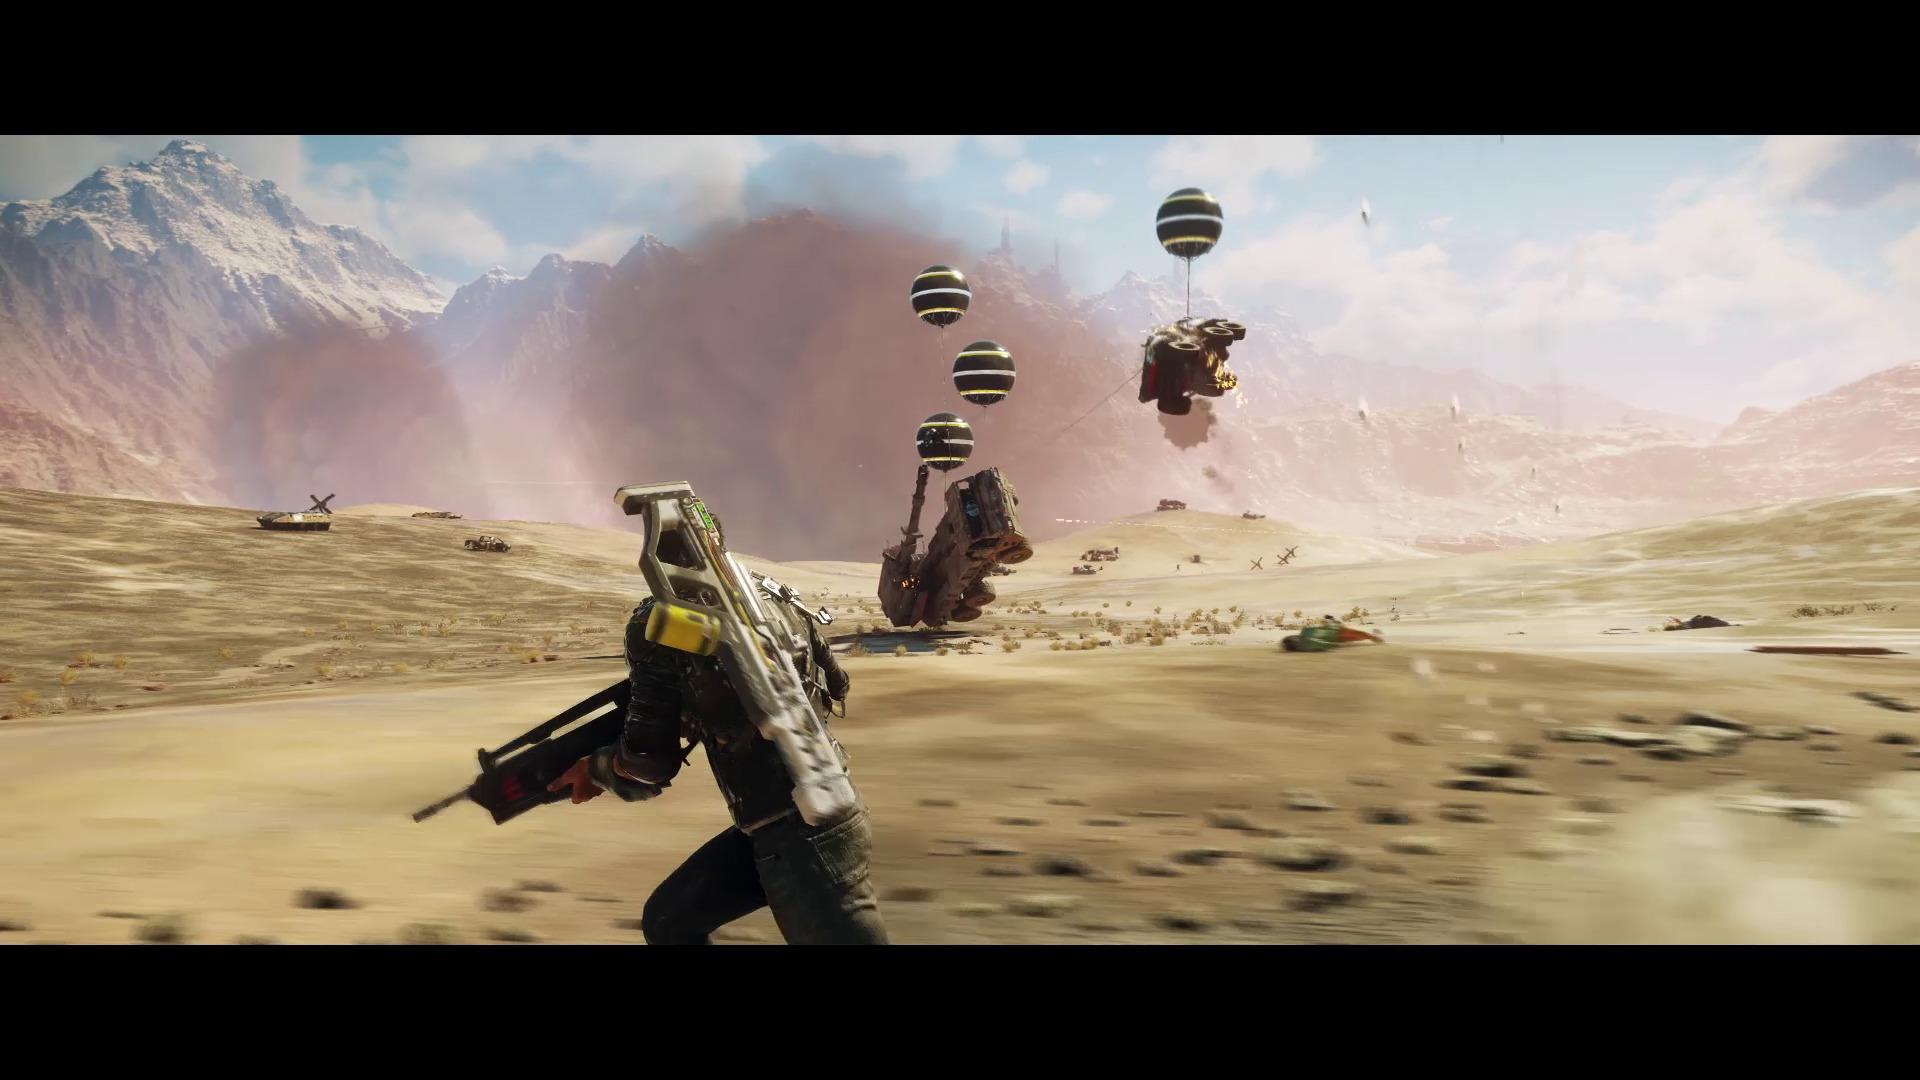 Aperçu Just Cause 4 Des véhicules ennemis s'envolent emportés par des ballons du grappin